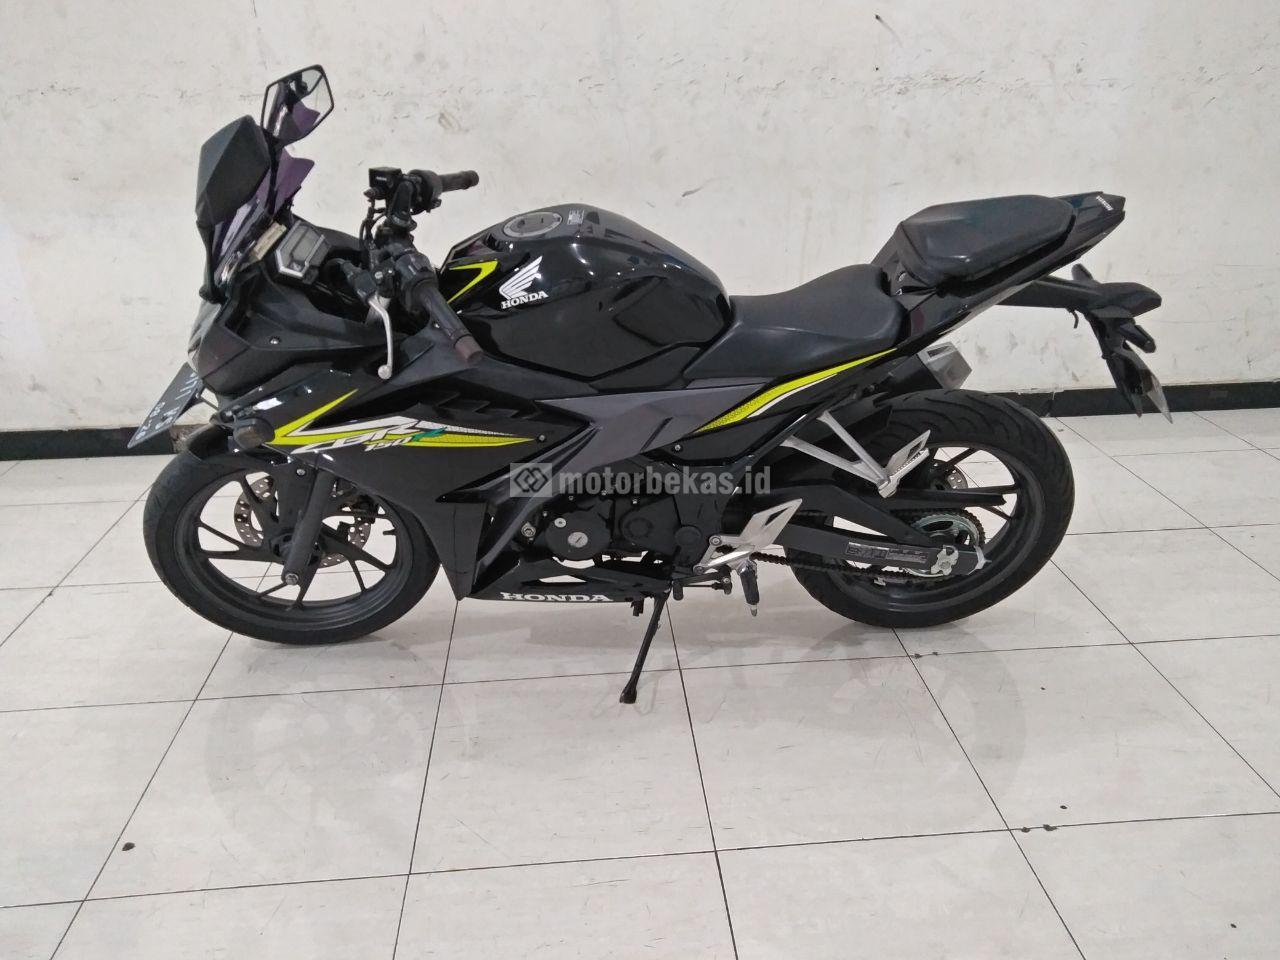 HONDA CBR 150R  3854 motorbekas.id